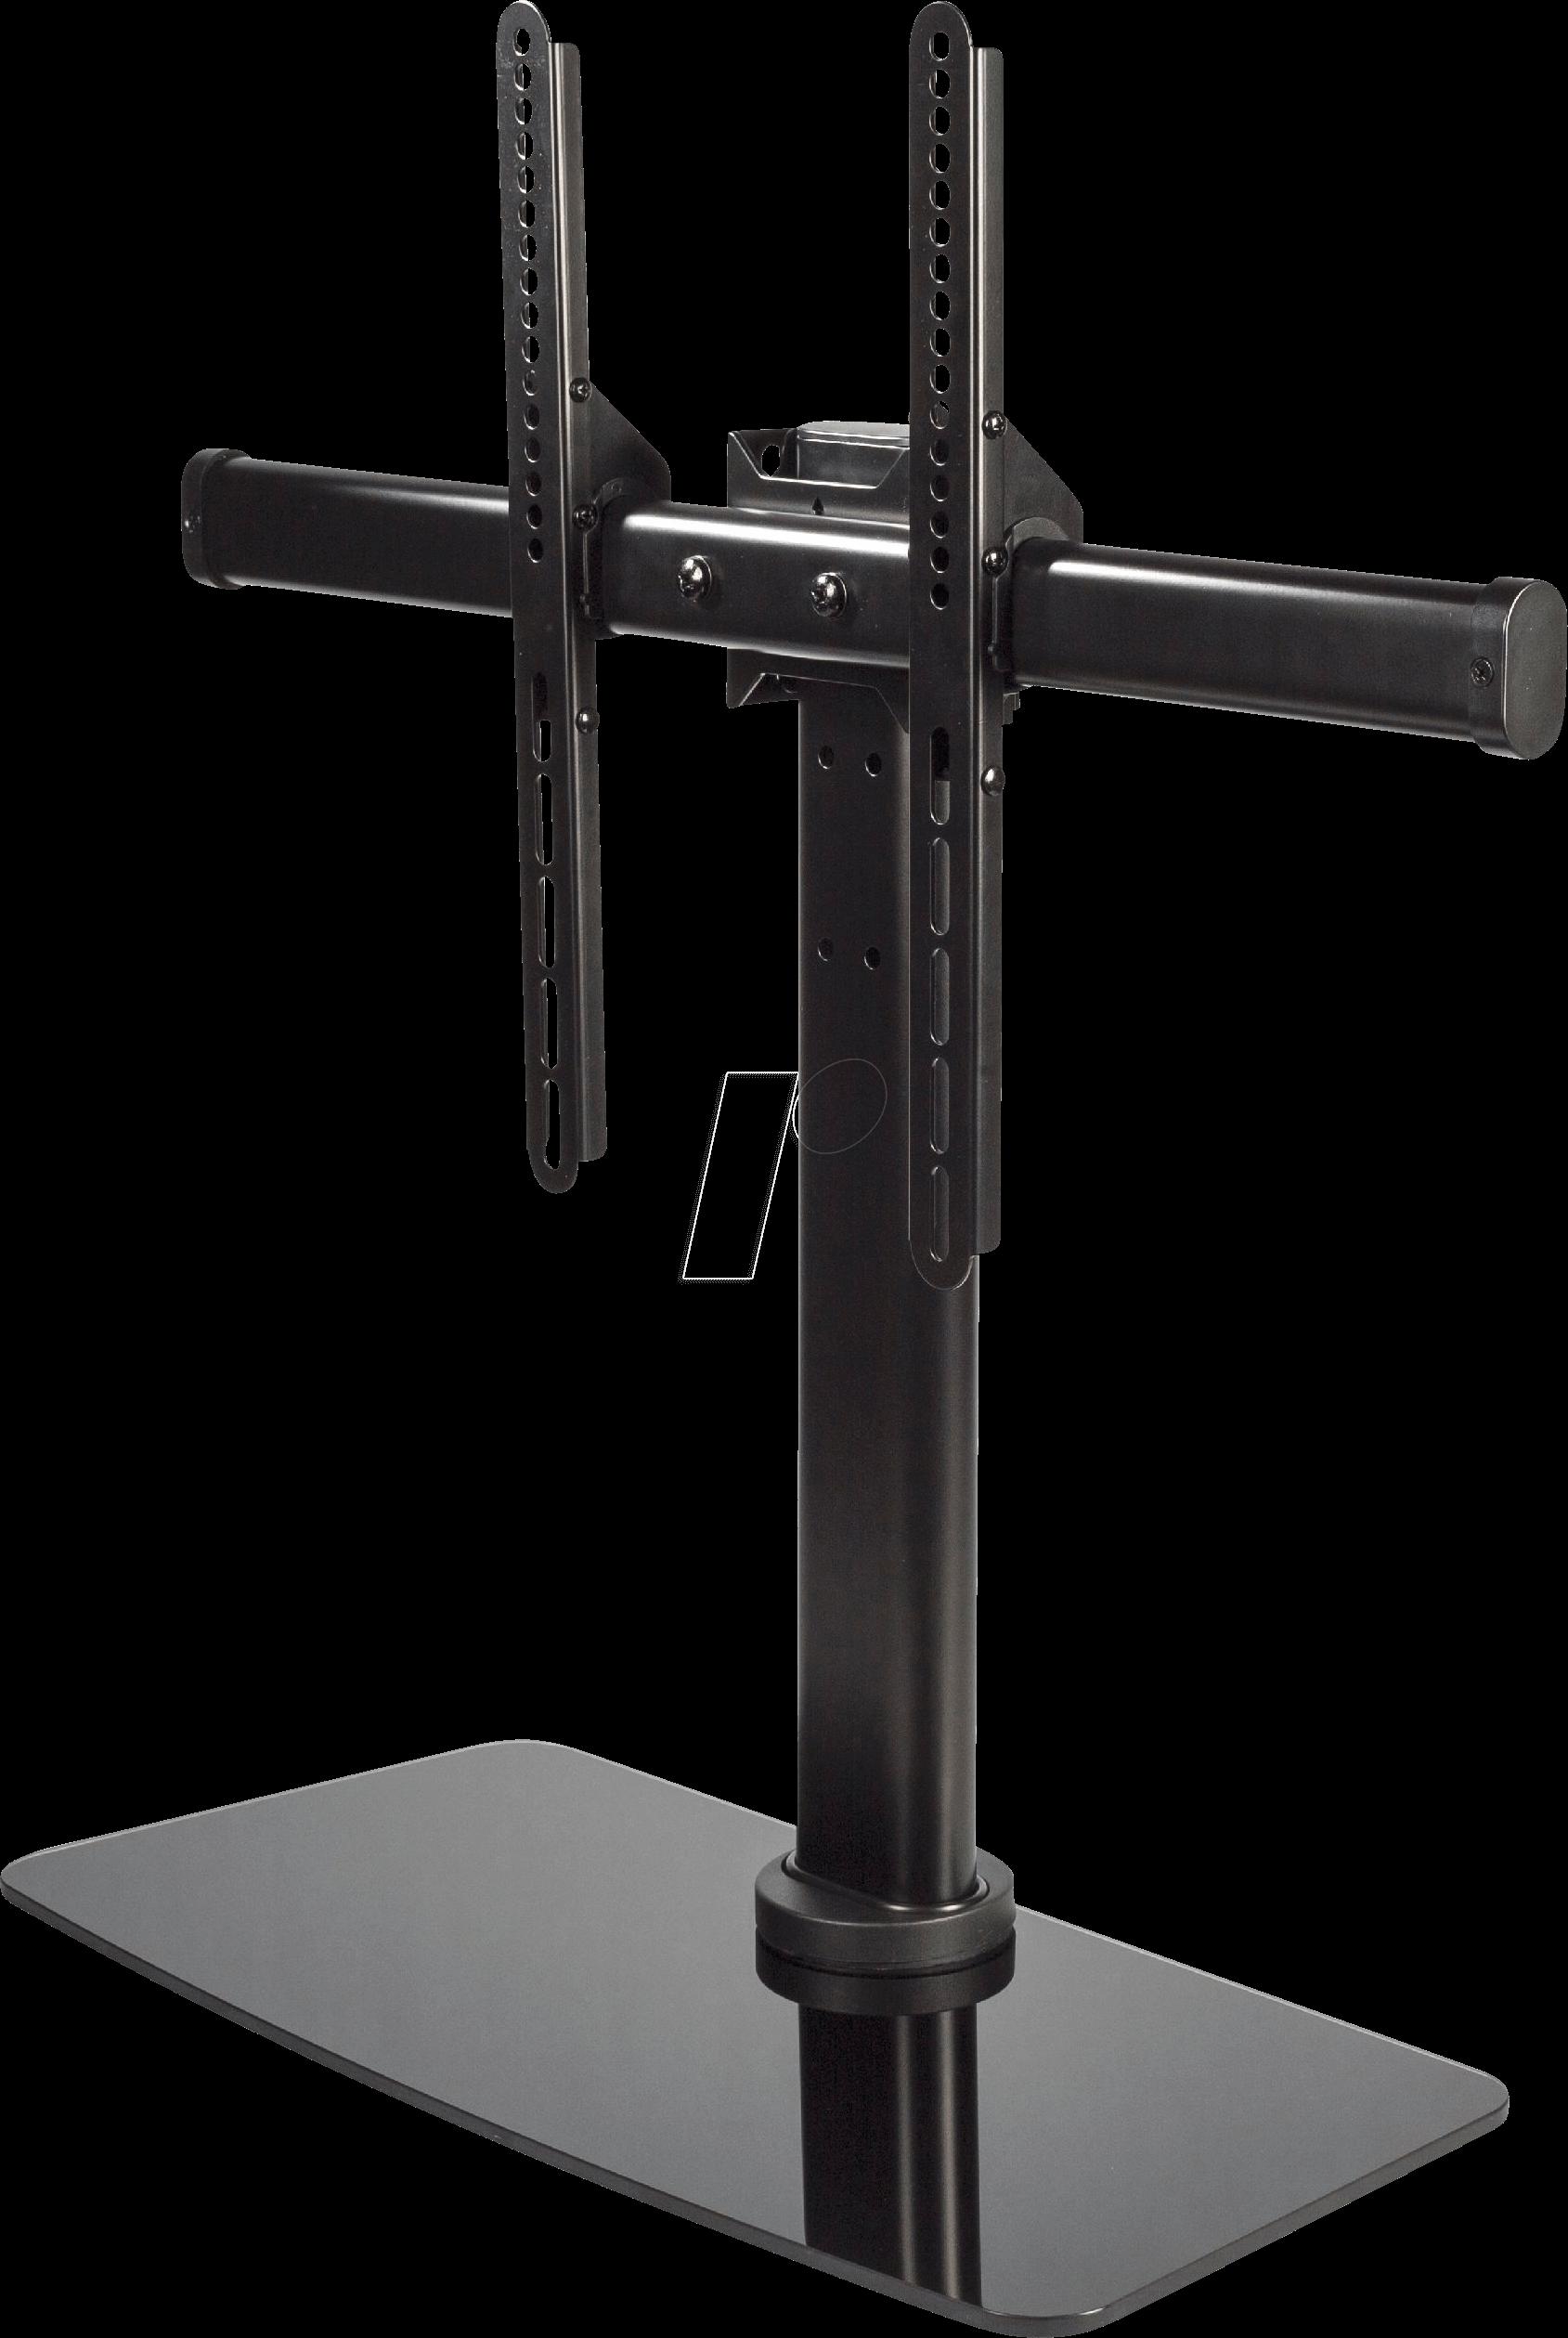 knm ttfm10 tv st nder neig schwenkbar 32 65 schwarz bei reichelt elektronik. Black Bedroom Furniture Sets. Home Design Ideas